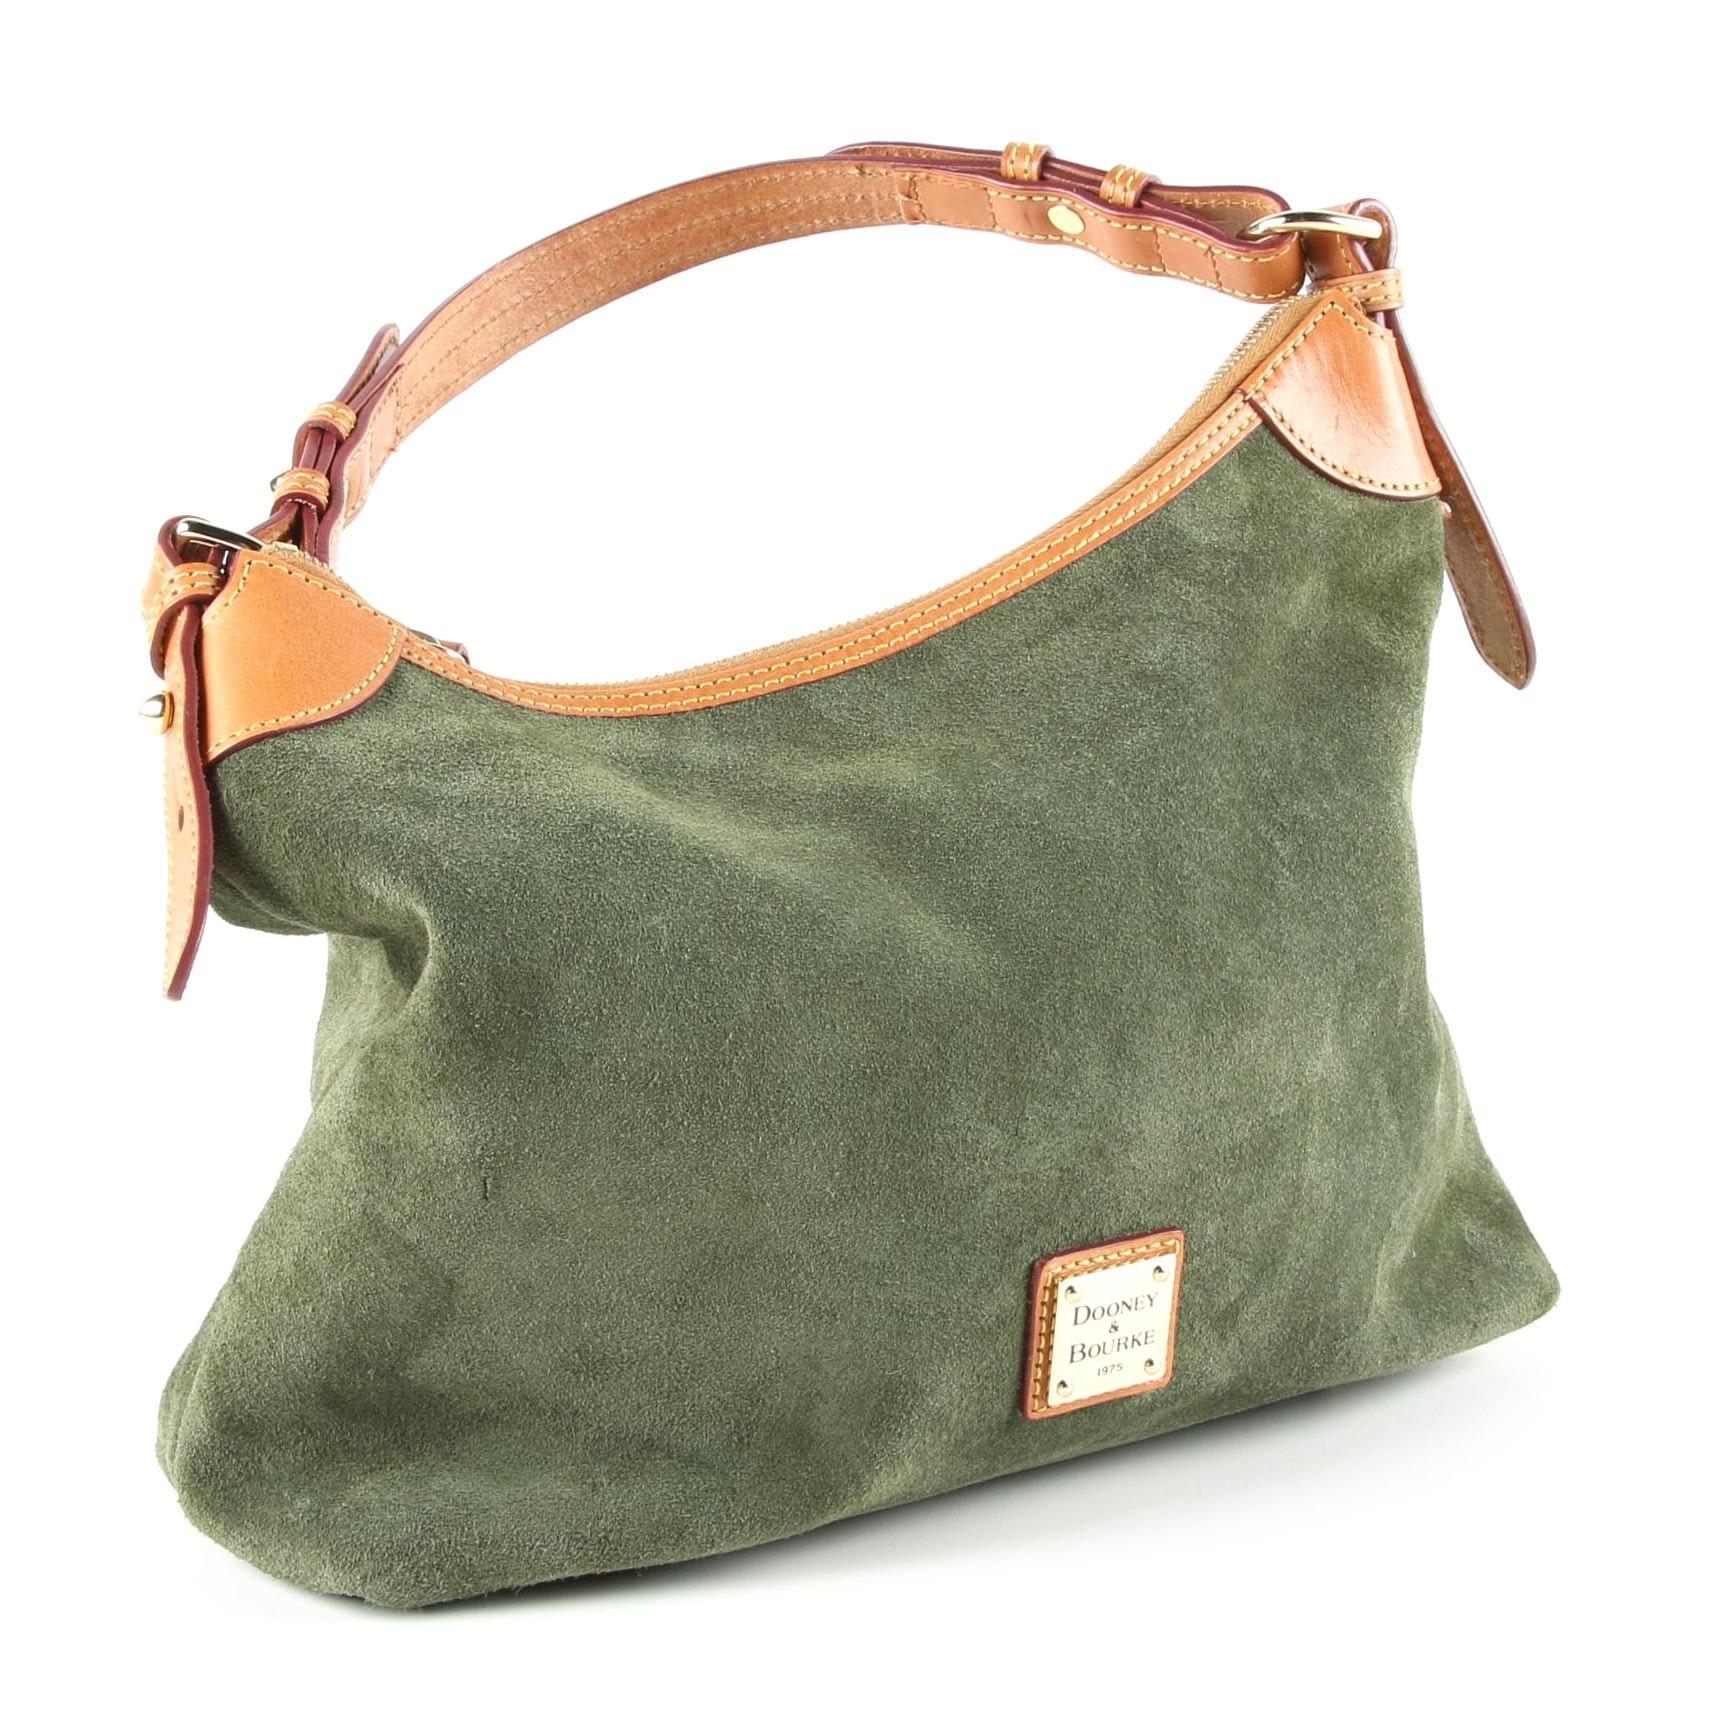 Dooney & Bourke Forest Green Suede Hobo Bag